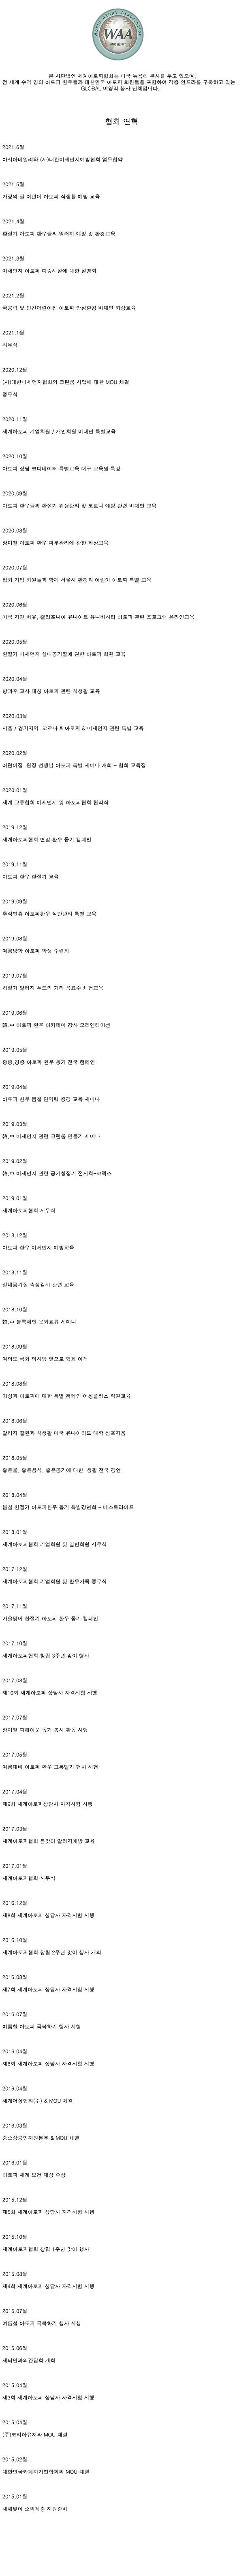 협회연혁2021.jpg